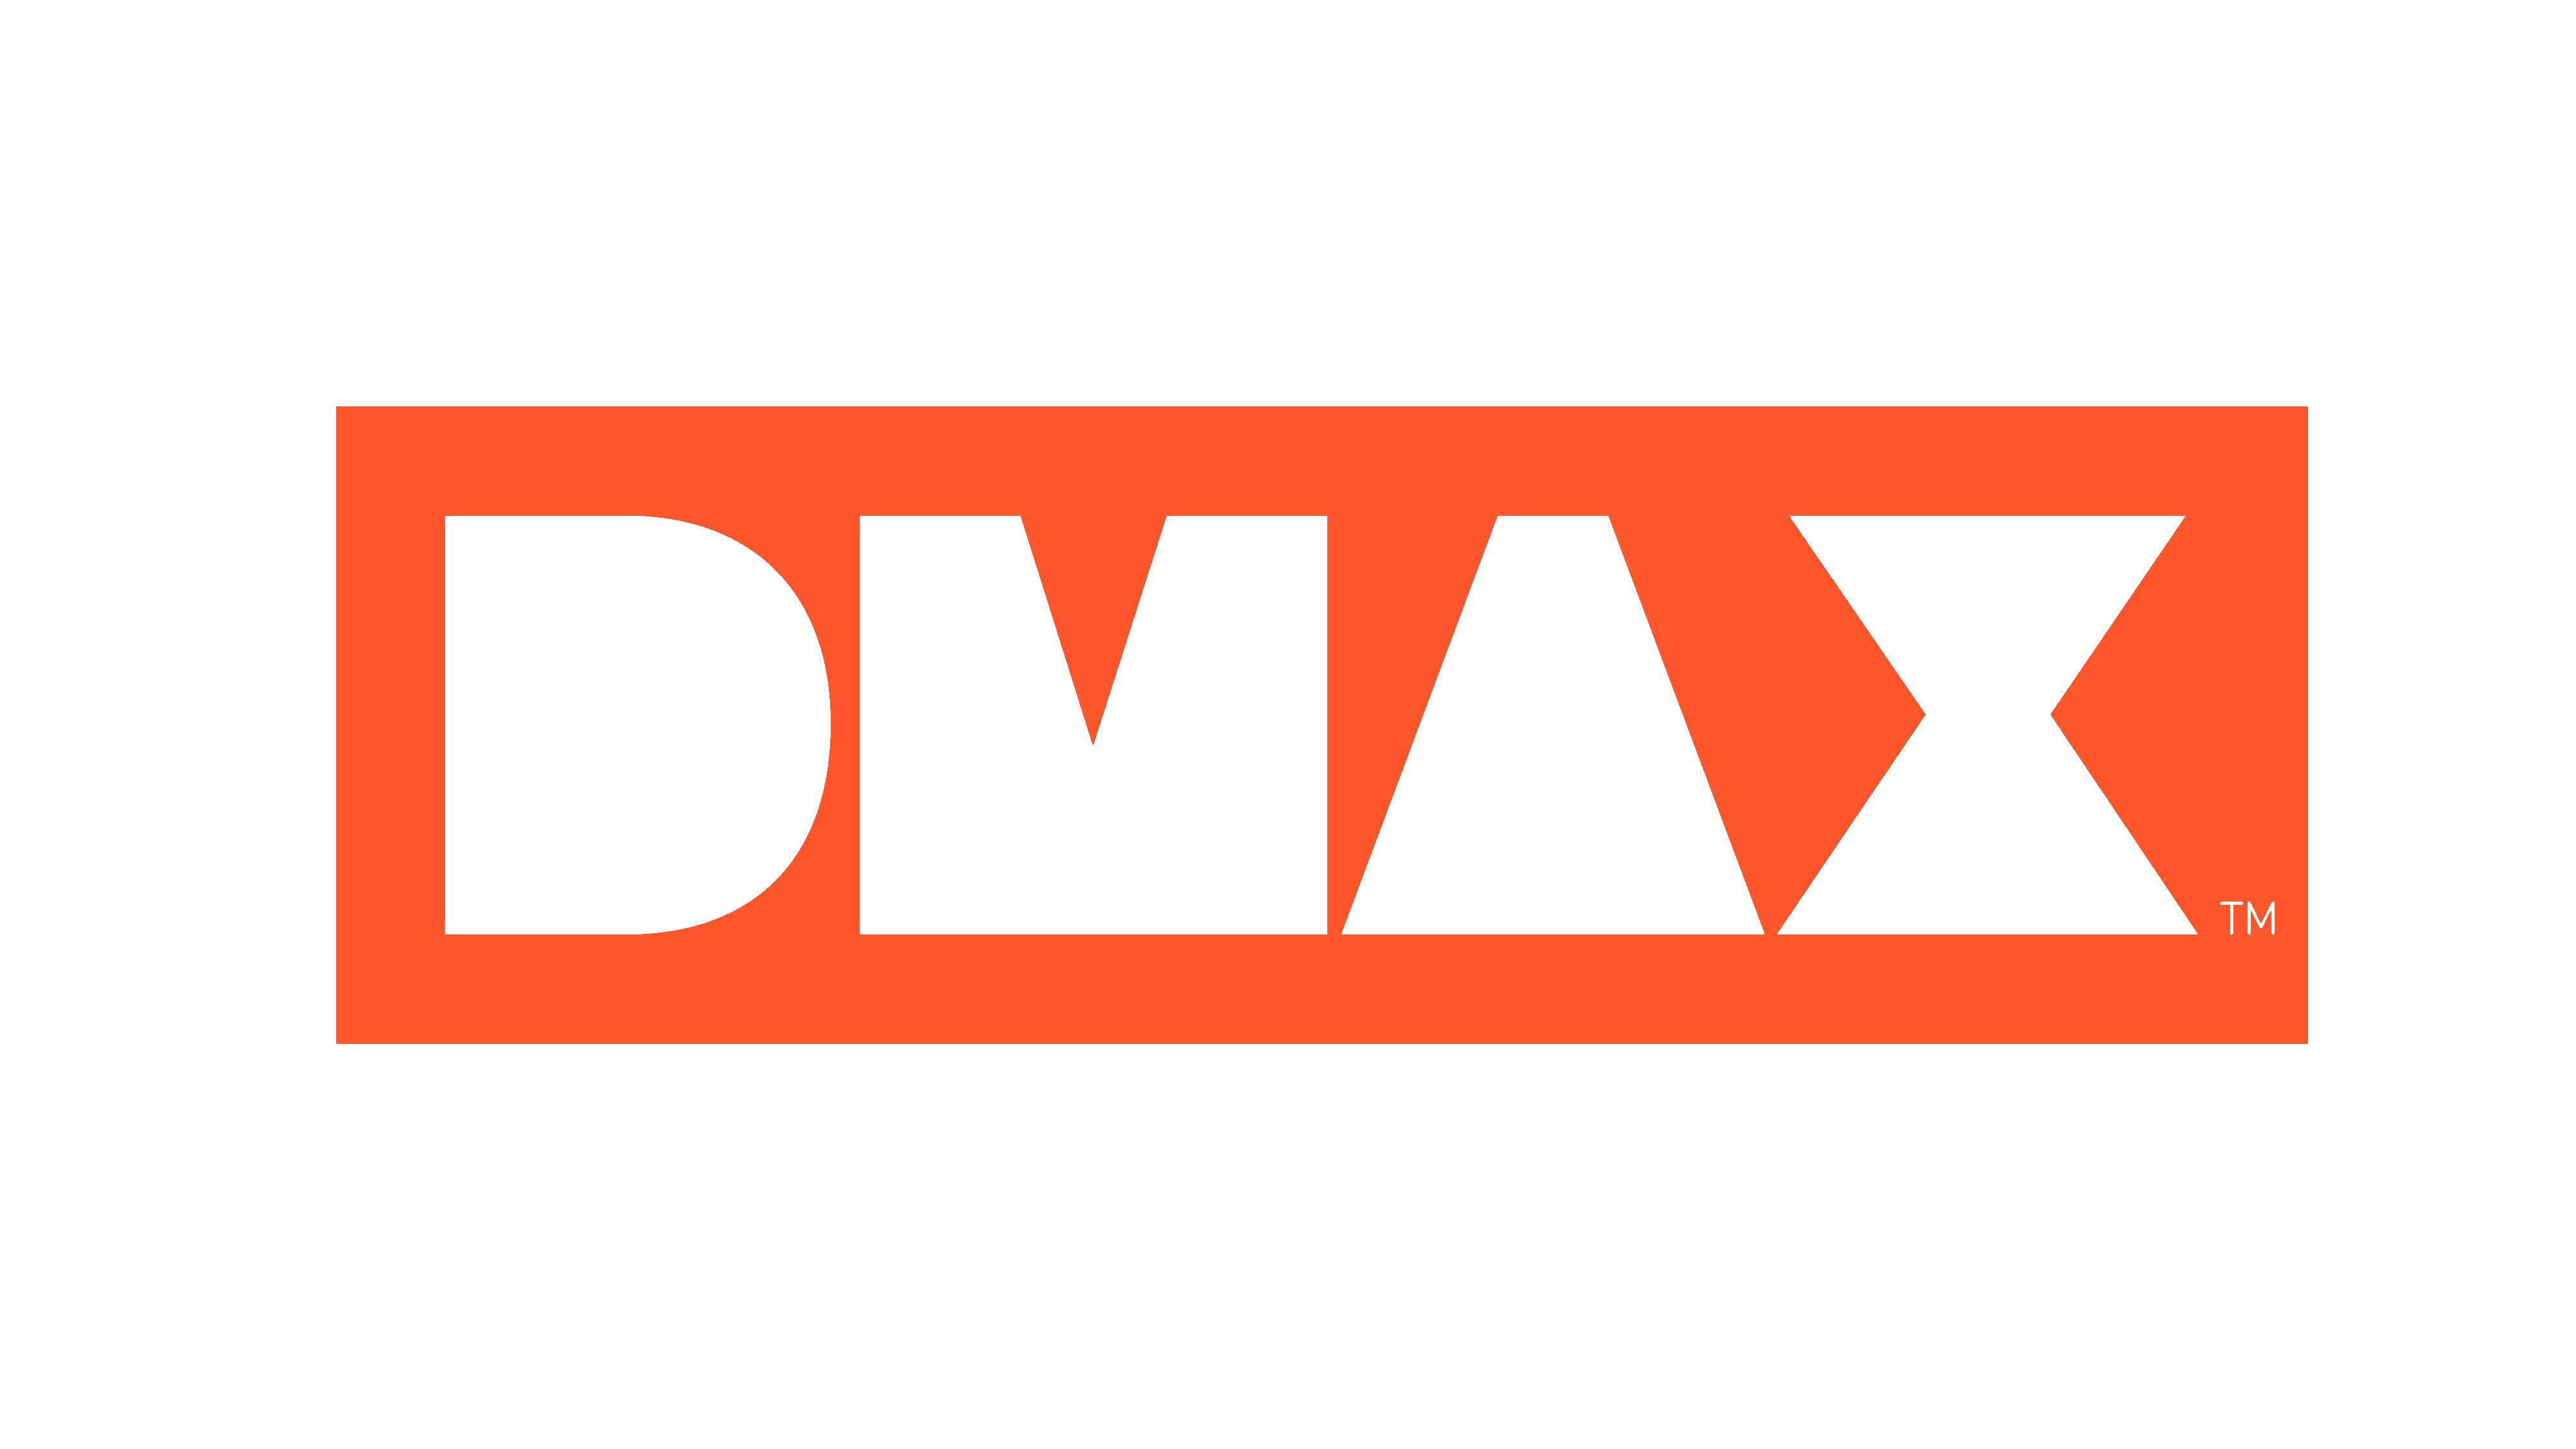 logo on orange